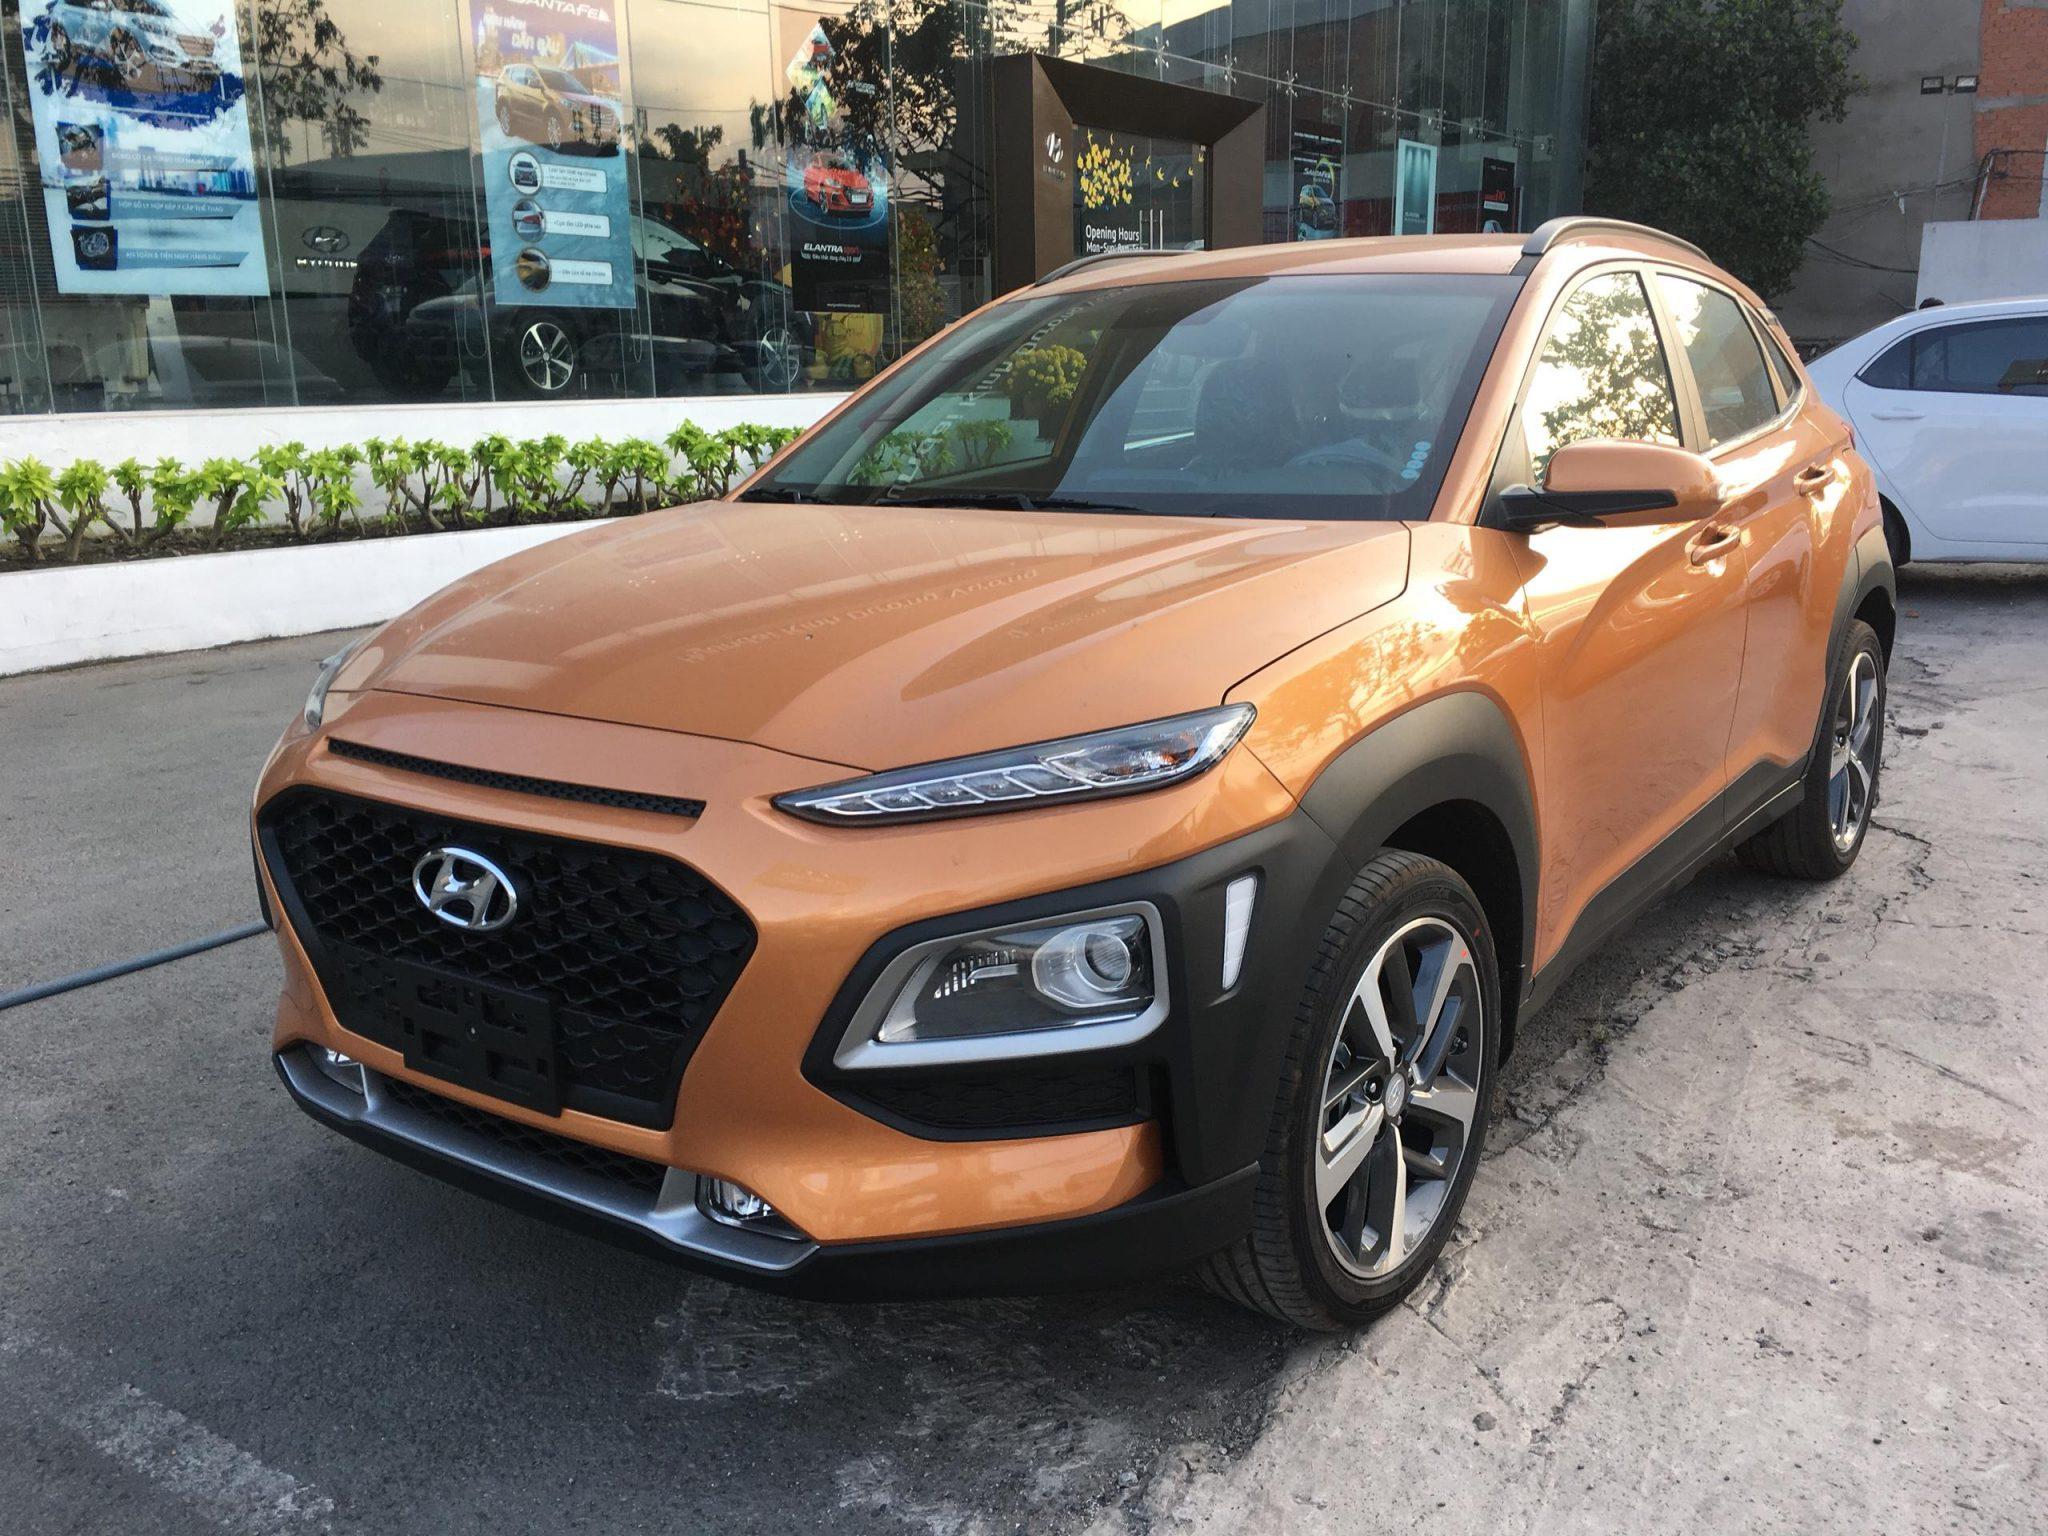 Mau xe Hyunda Kona 2019 anh 3 - Hyundai Kona mới: giá xe và khuyến mãi tháng [hienthithang]/[hienthinam]